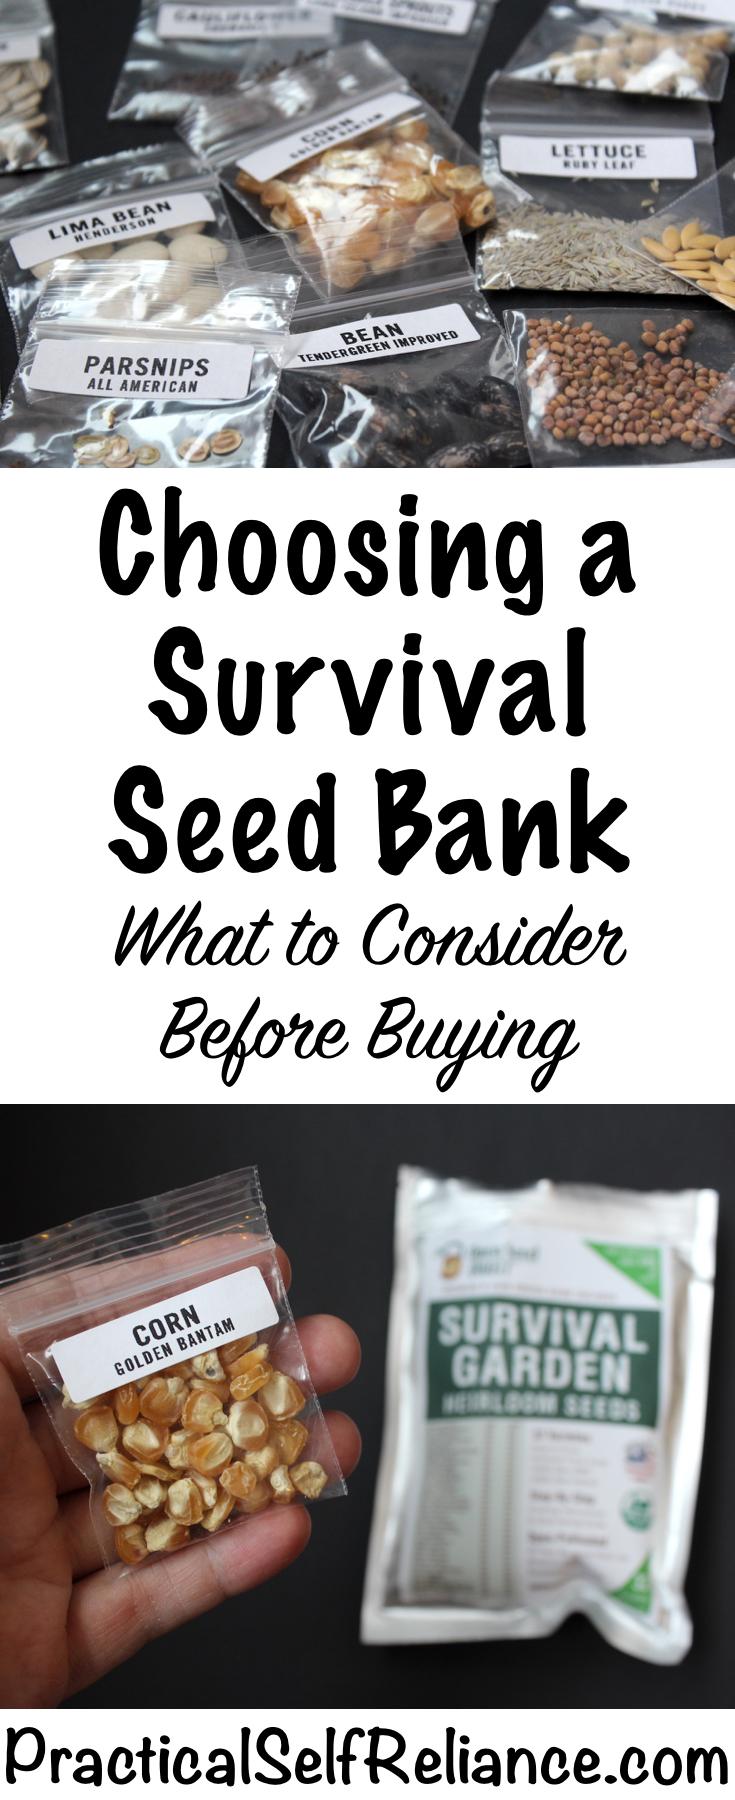 Choosing a Survival Seed Bank